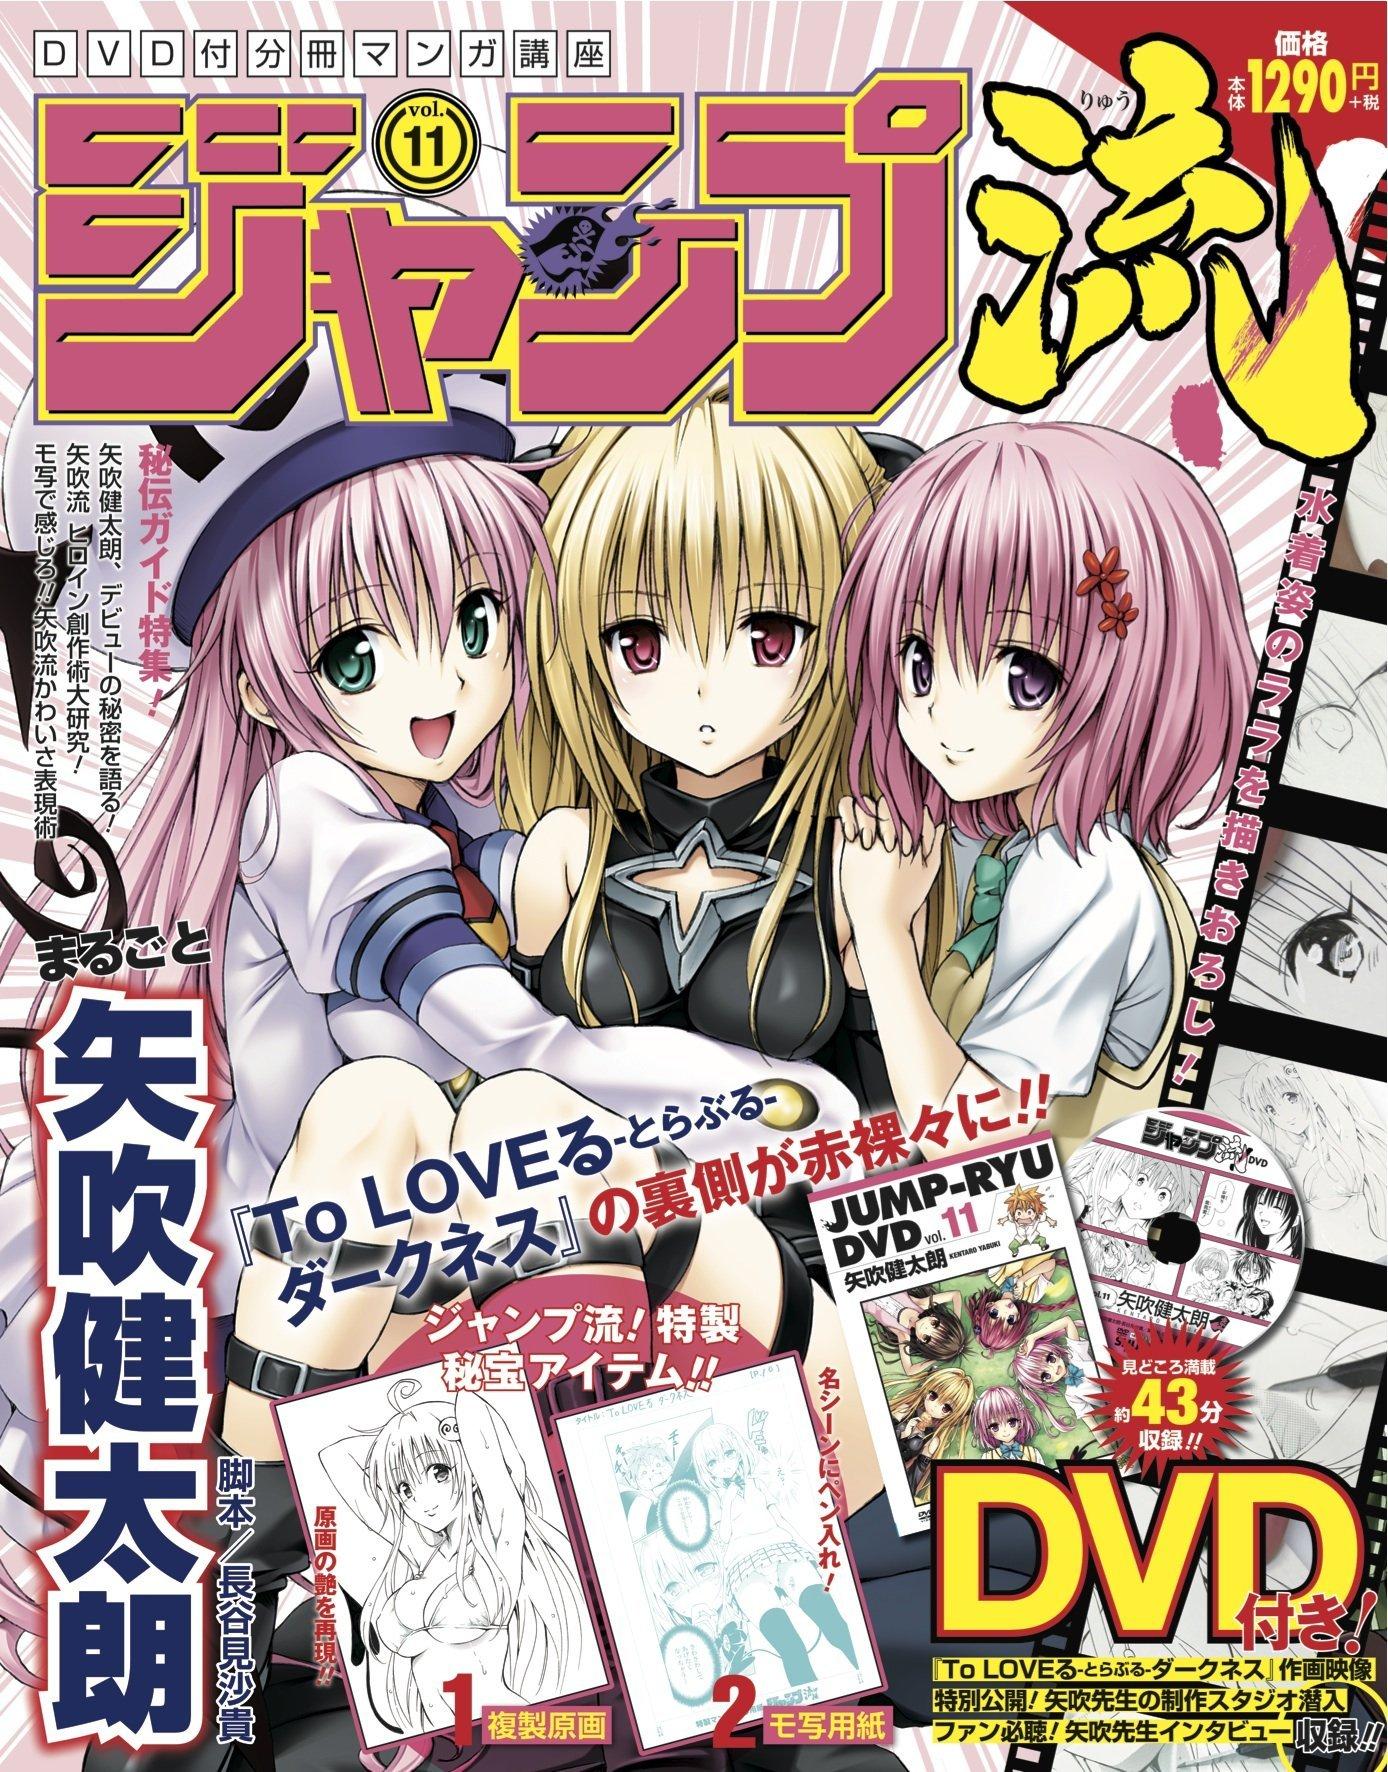 ジャンプ流! DVD付分冊マンガ講座 11巻